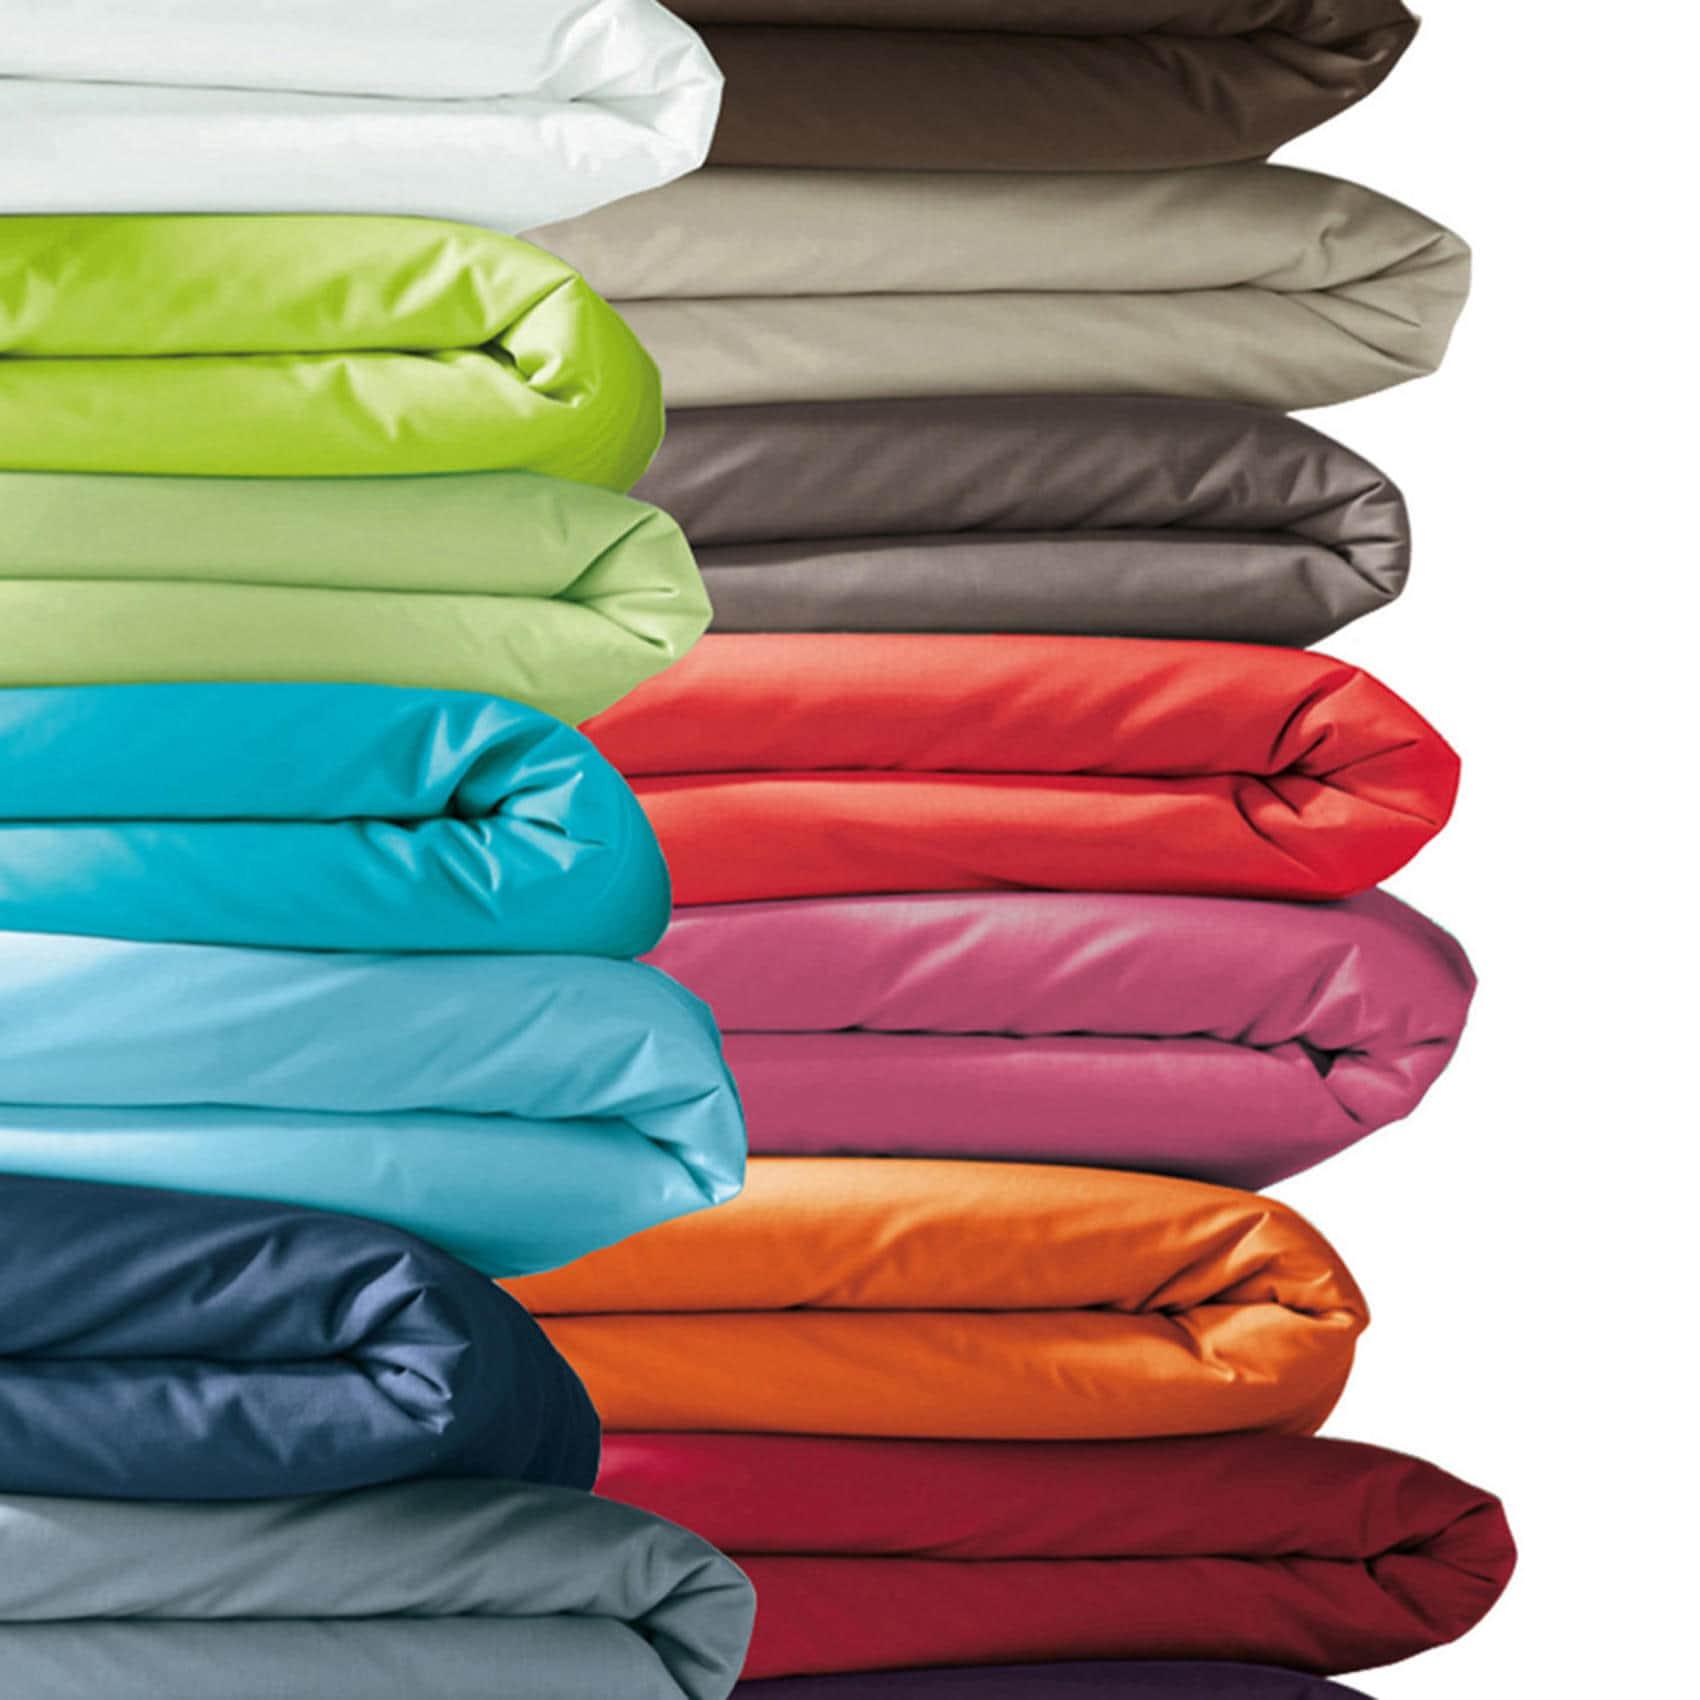 housse de couette 80x120 cm coton 21 coloris uni fermeture. Black Bedroom Furniture Sets. Home Design Ideas